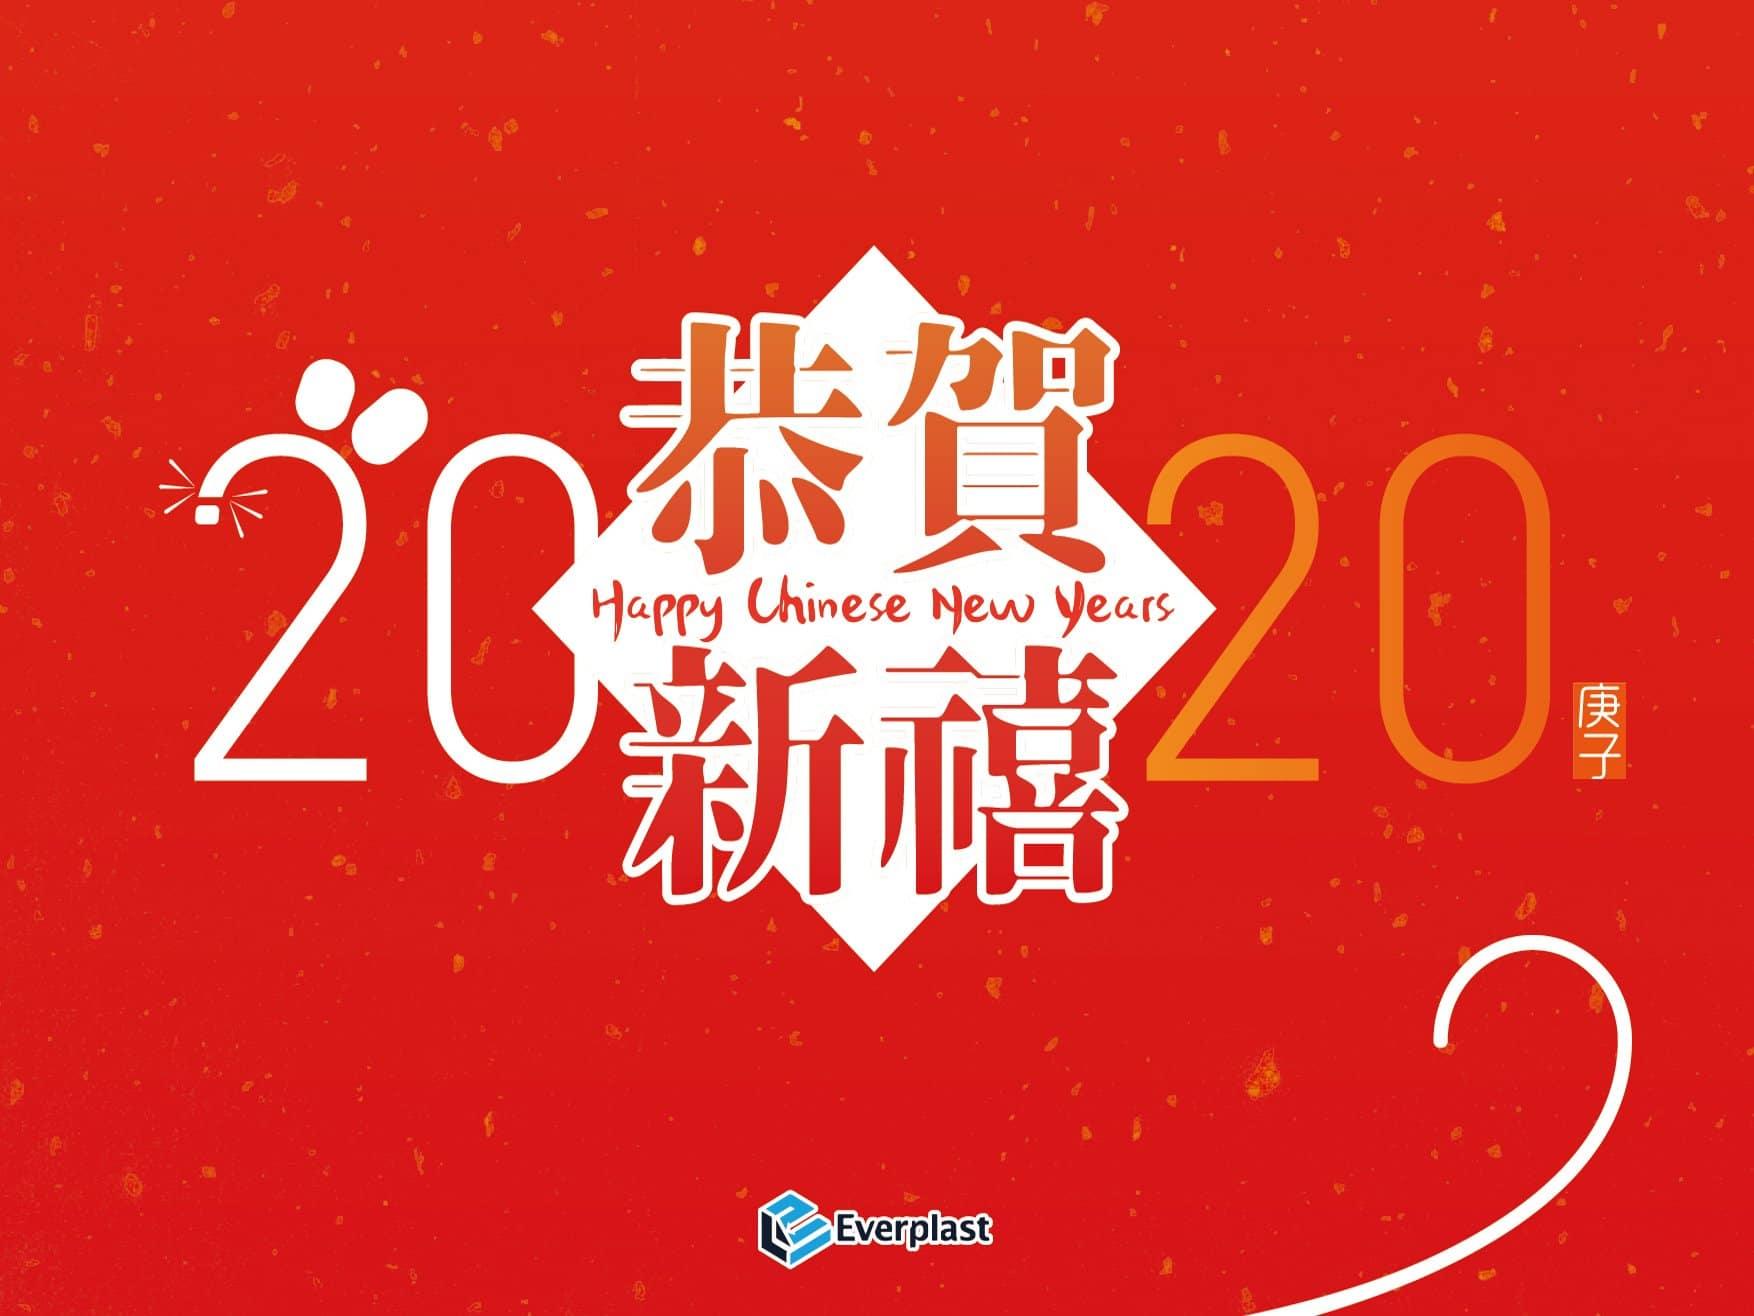 Everplast-Happy Chinese New Year